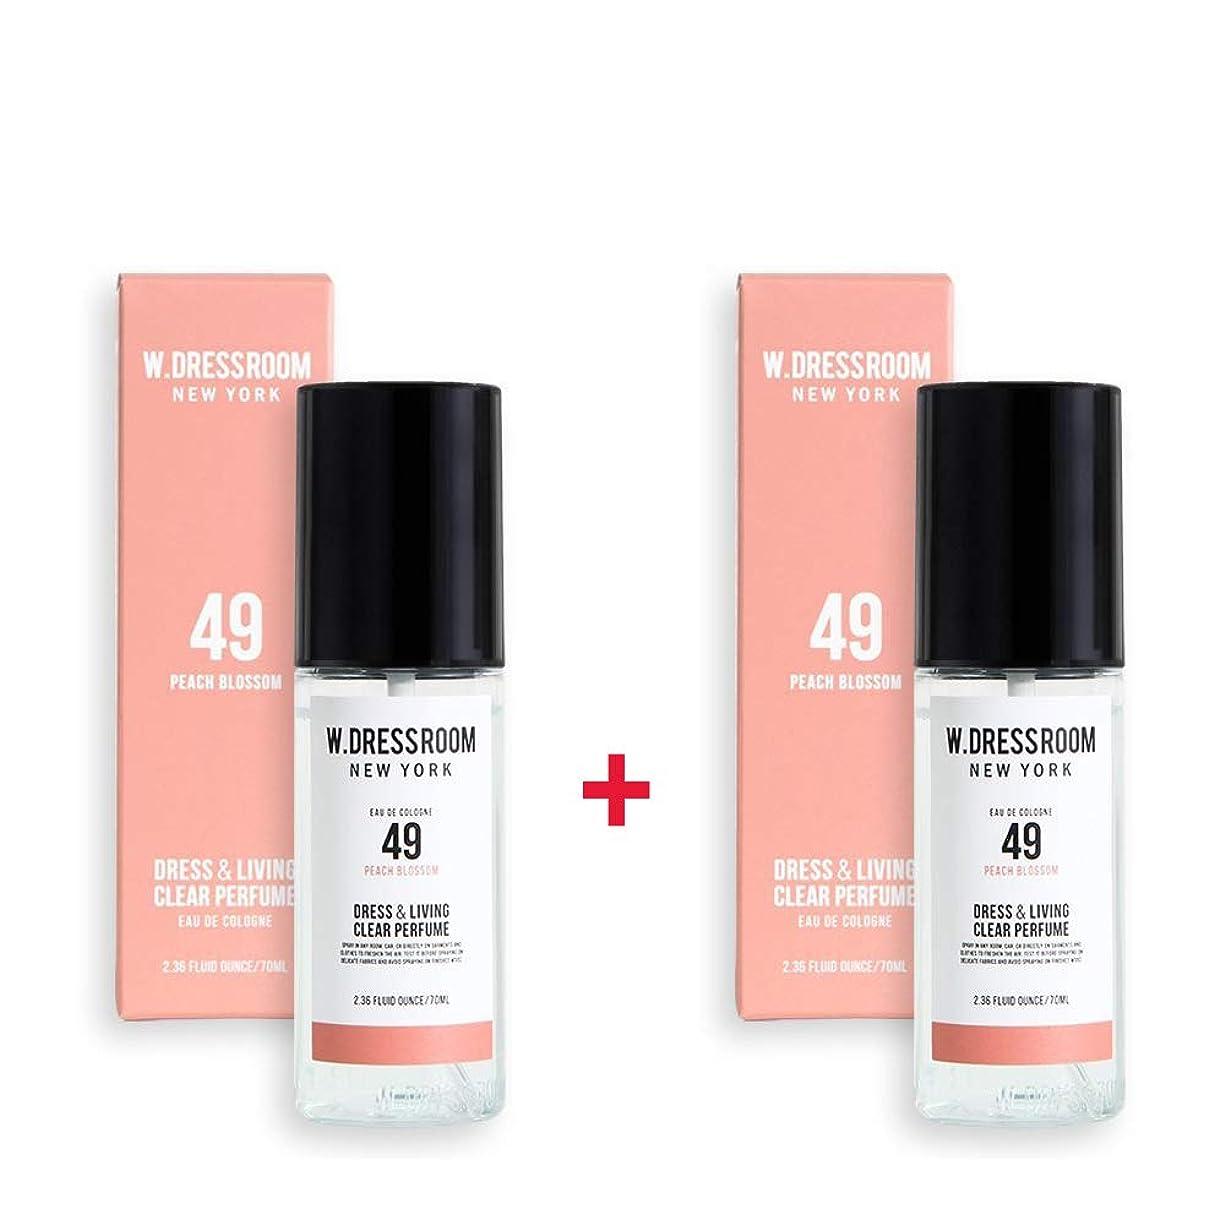 成り立つ一口チャーターW.DRESSROOM Dress & Living Clear Perfume 70ml (No 49 Peach Blossom)+(No 49 Peach Blossom)